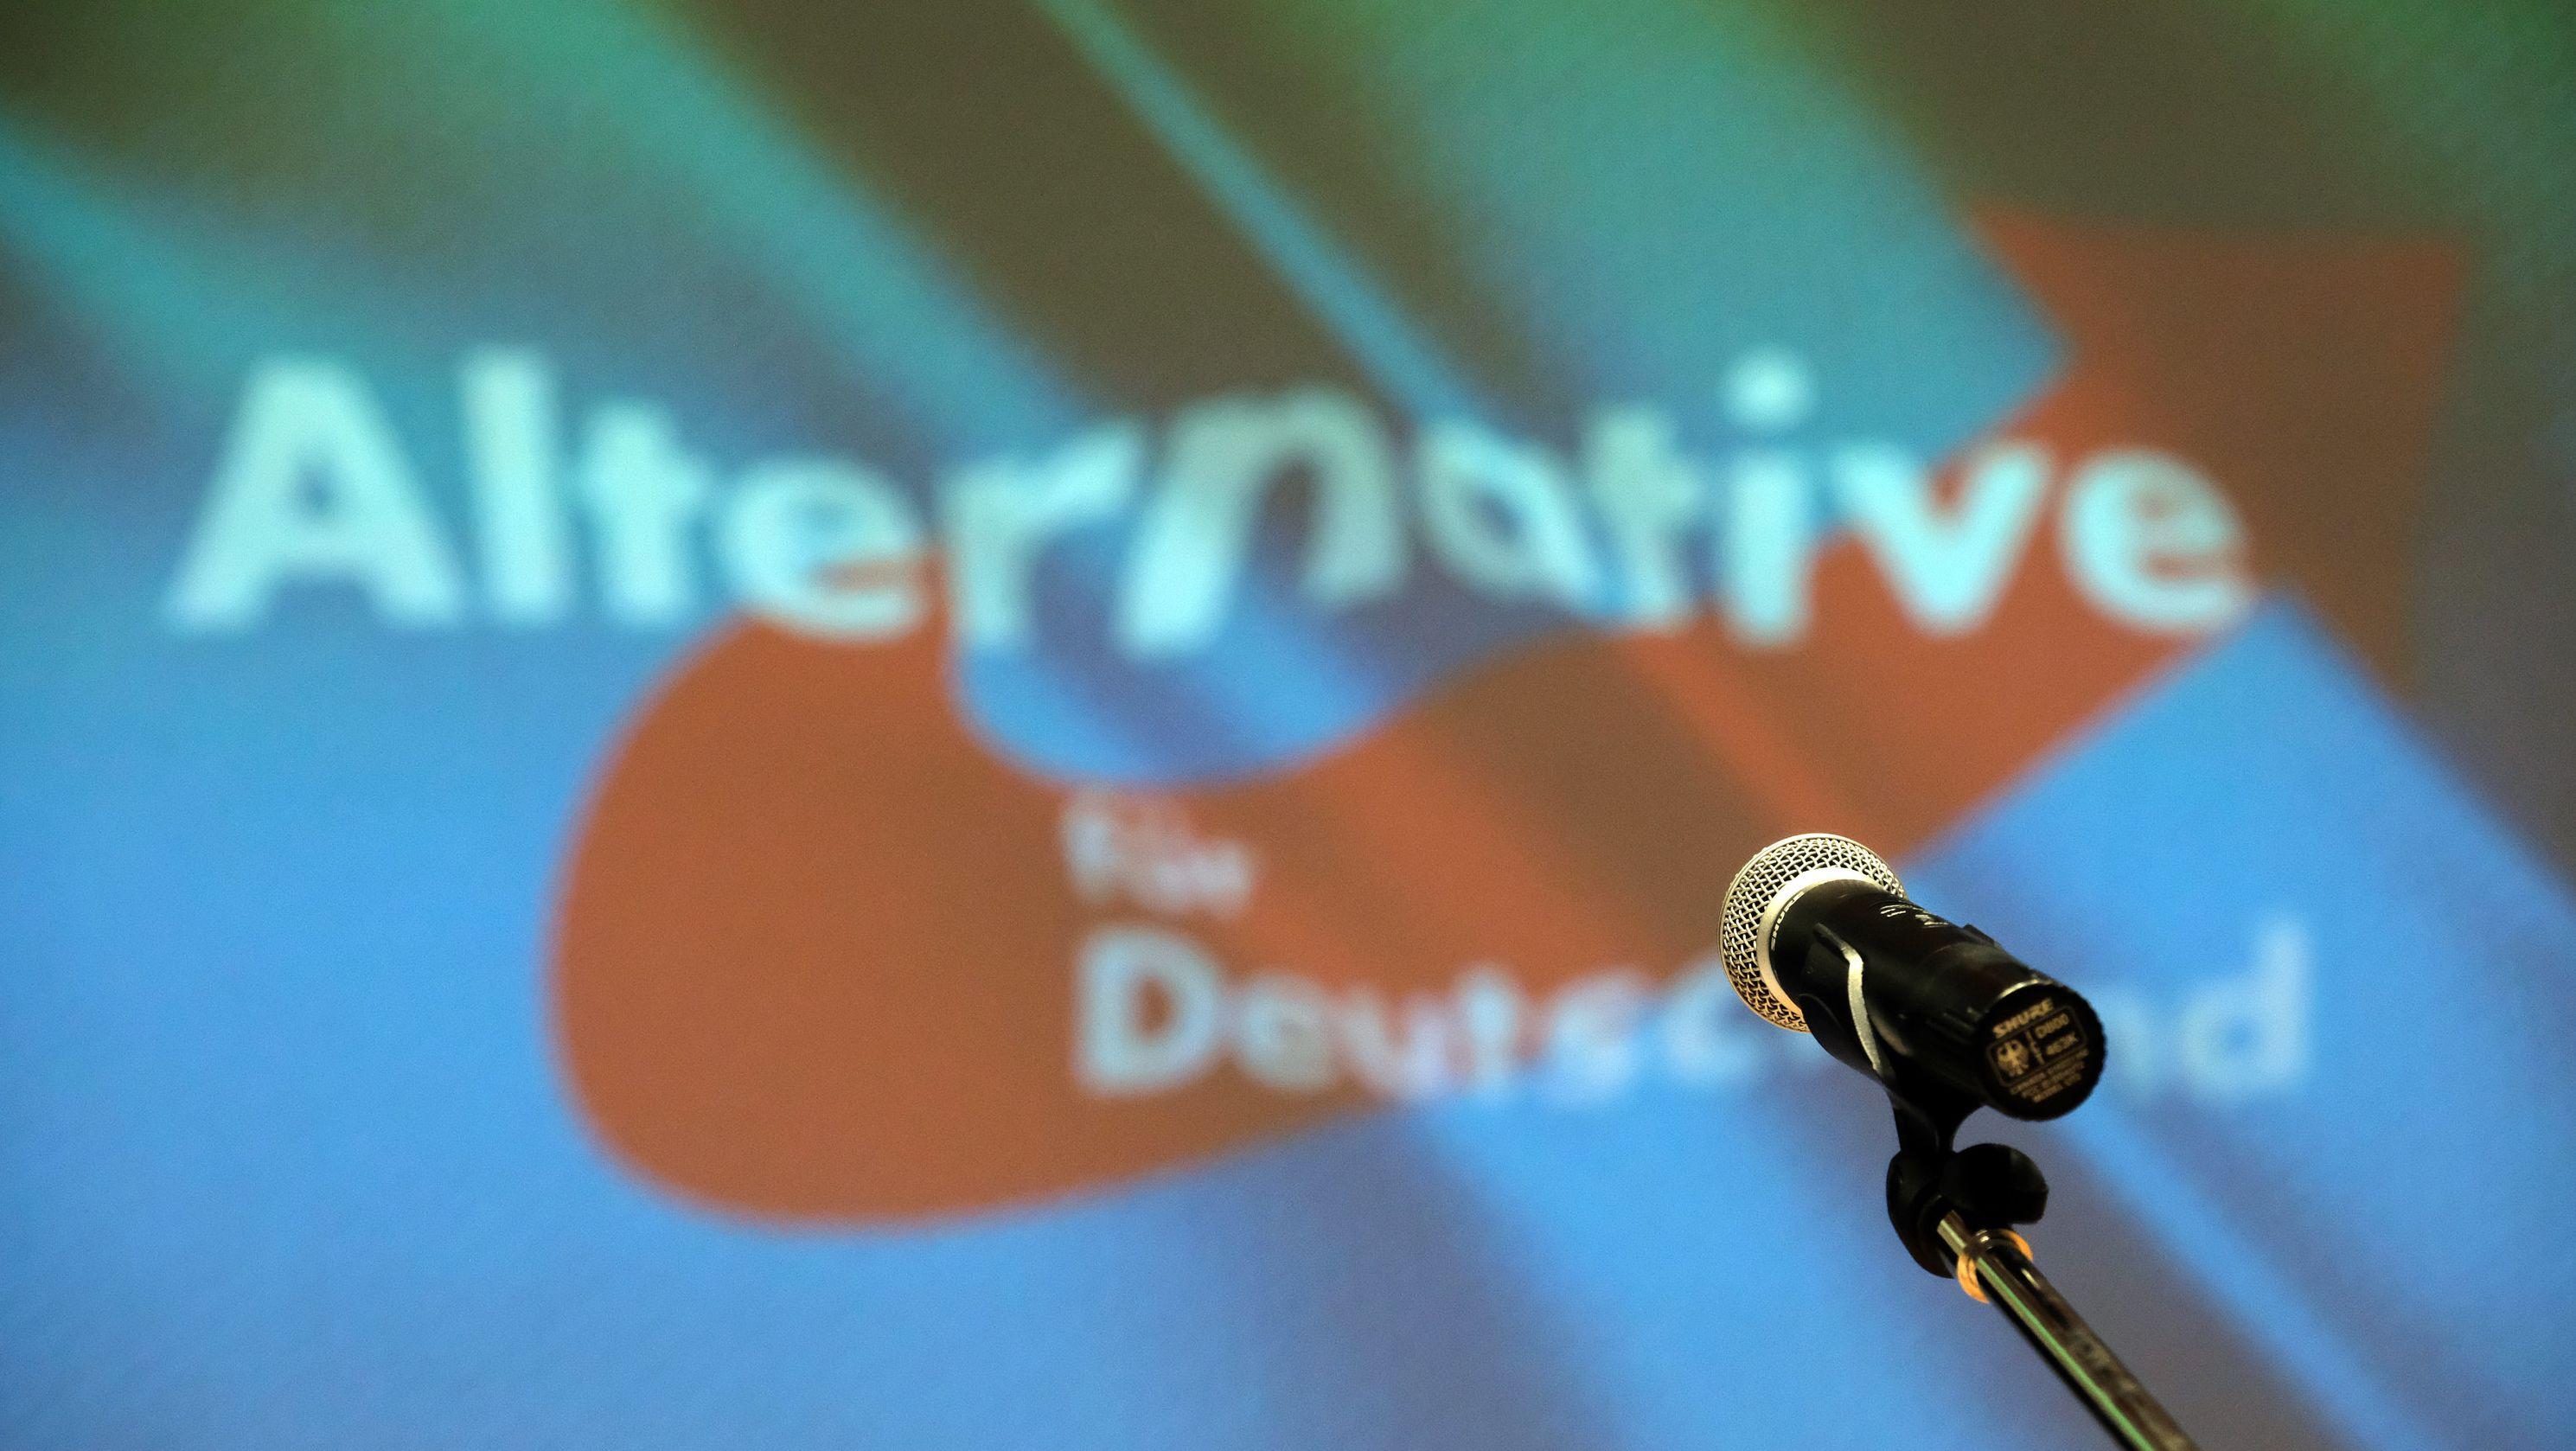 Die AfD in der Corona-Krise. Mikrofon vor Partei-Banner (Symbolbild)